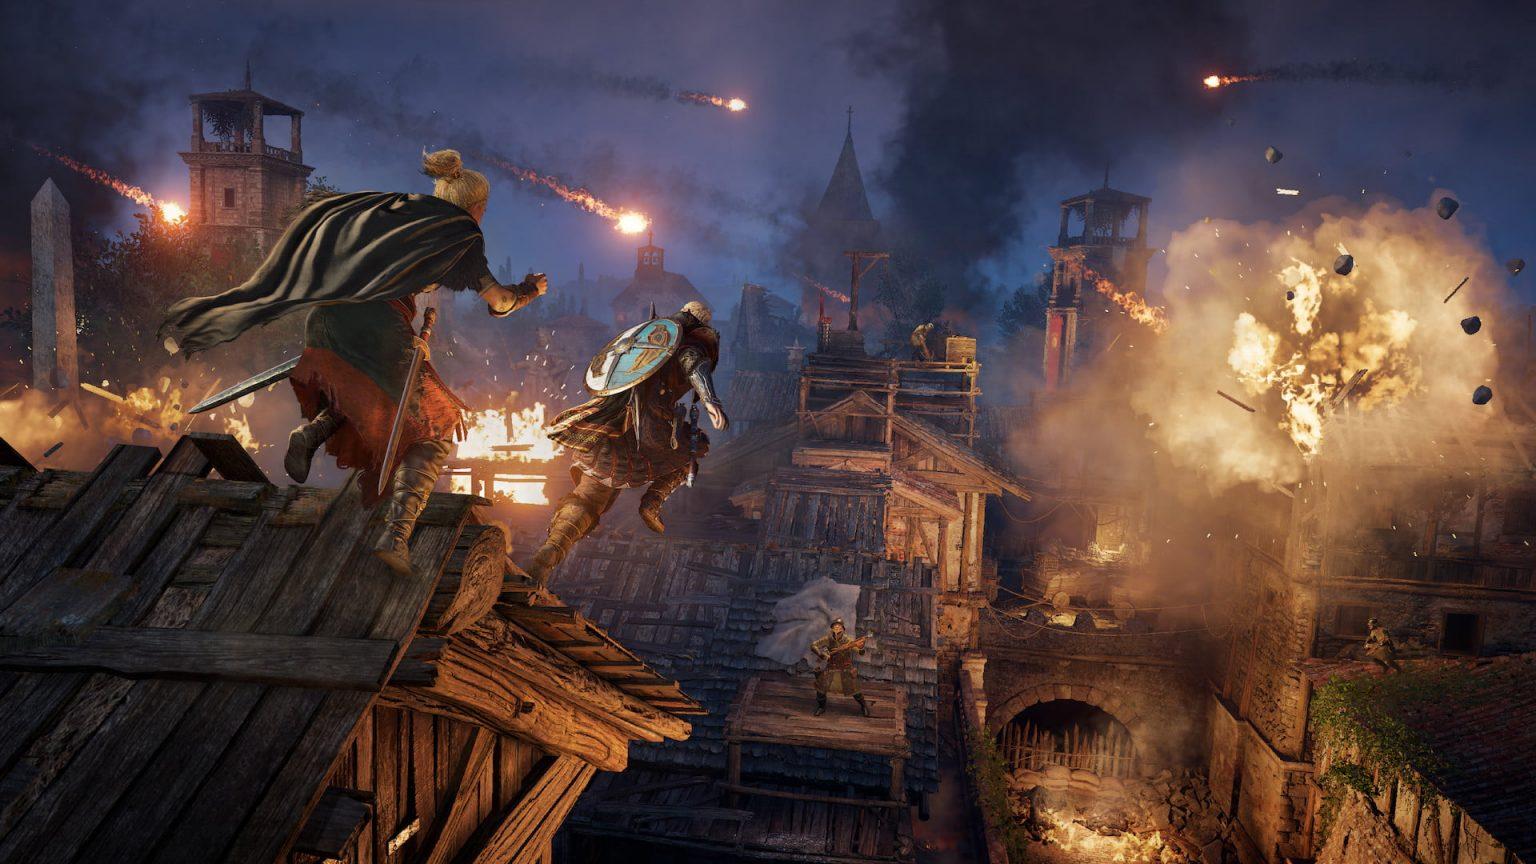 ویدیویی از گیمپلی Assassin's Creed Valhalla: The Siege of Paris منتشر شد